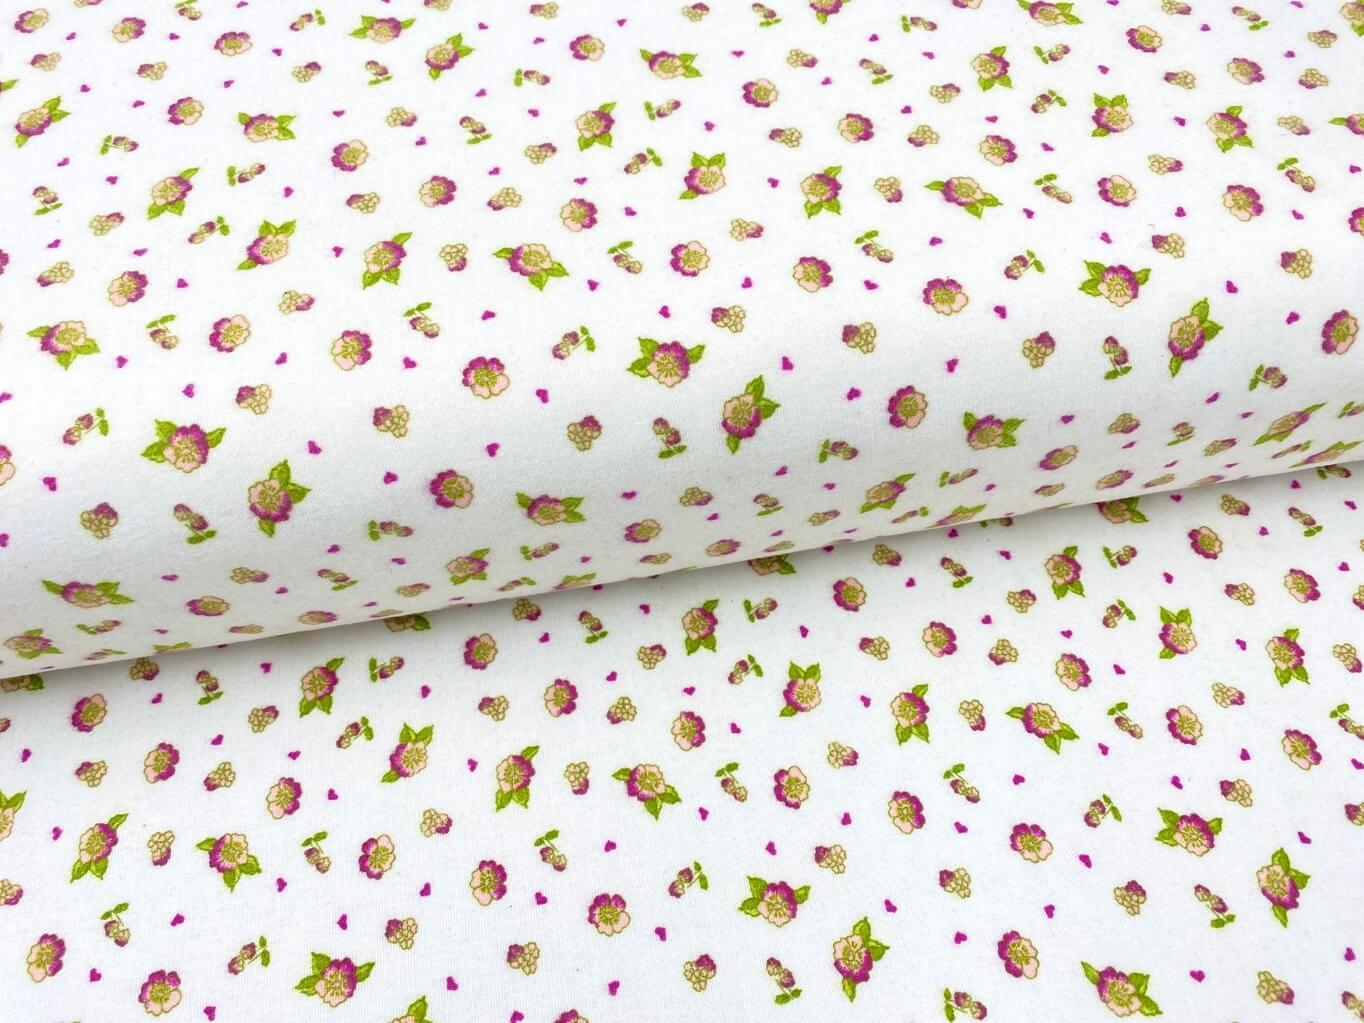 Mirtex FLANEL 150 (11411-3 drobné květy) 150cm / VELKOOBCHOD Ceník: VELKOOBCHOD: po celých rolích, b